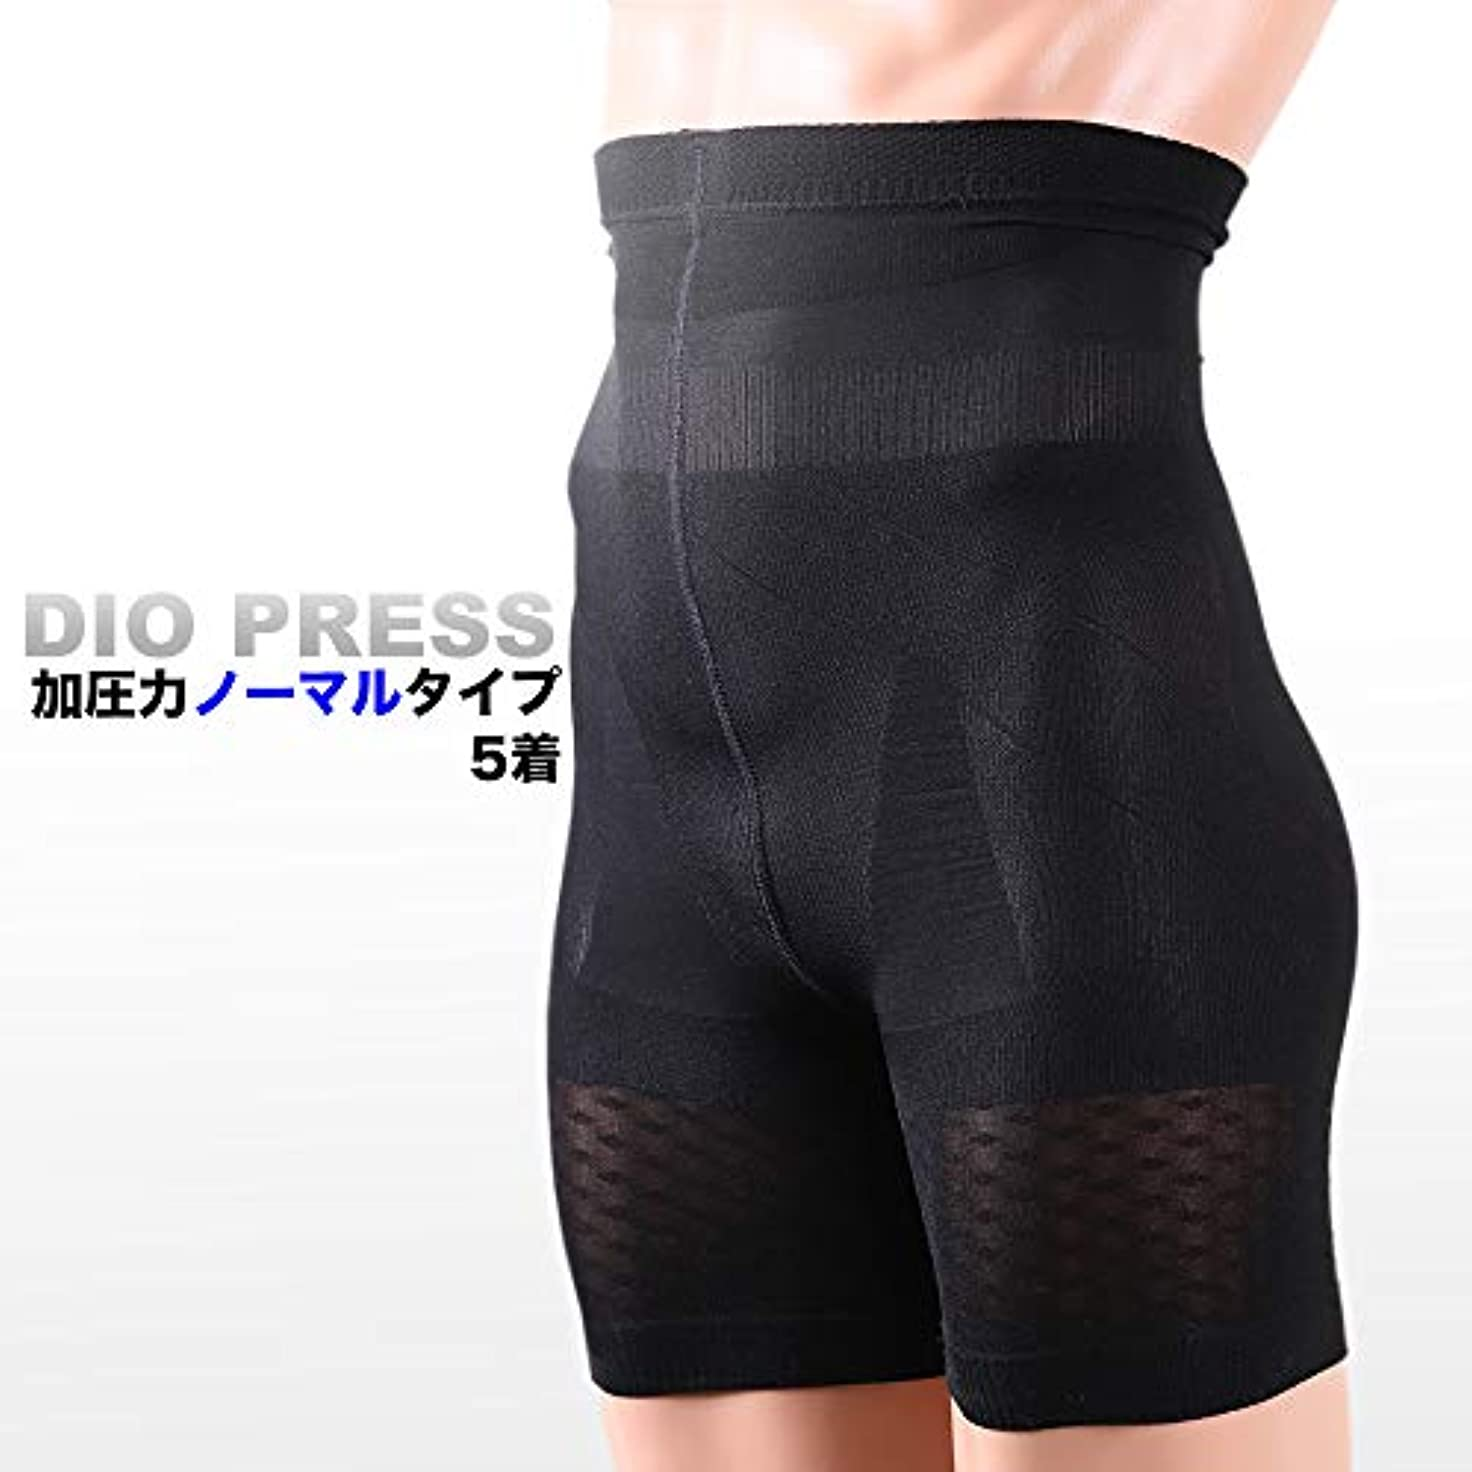 経済的適度な潮ディオプレス 加圧スパッツ メンズ スパンデックス20%混紡 フリーサイズ ノーマルタイプ 5着セット